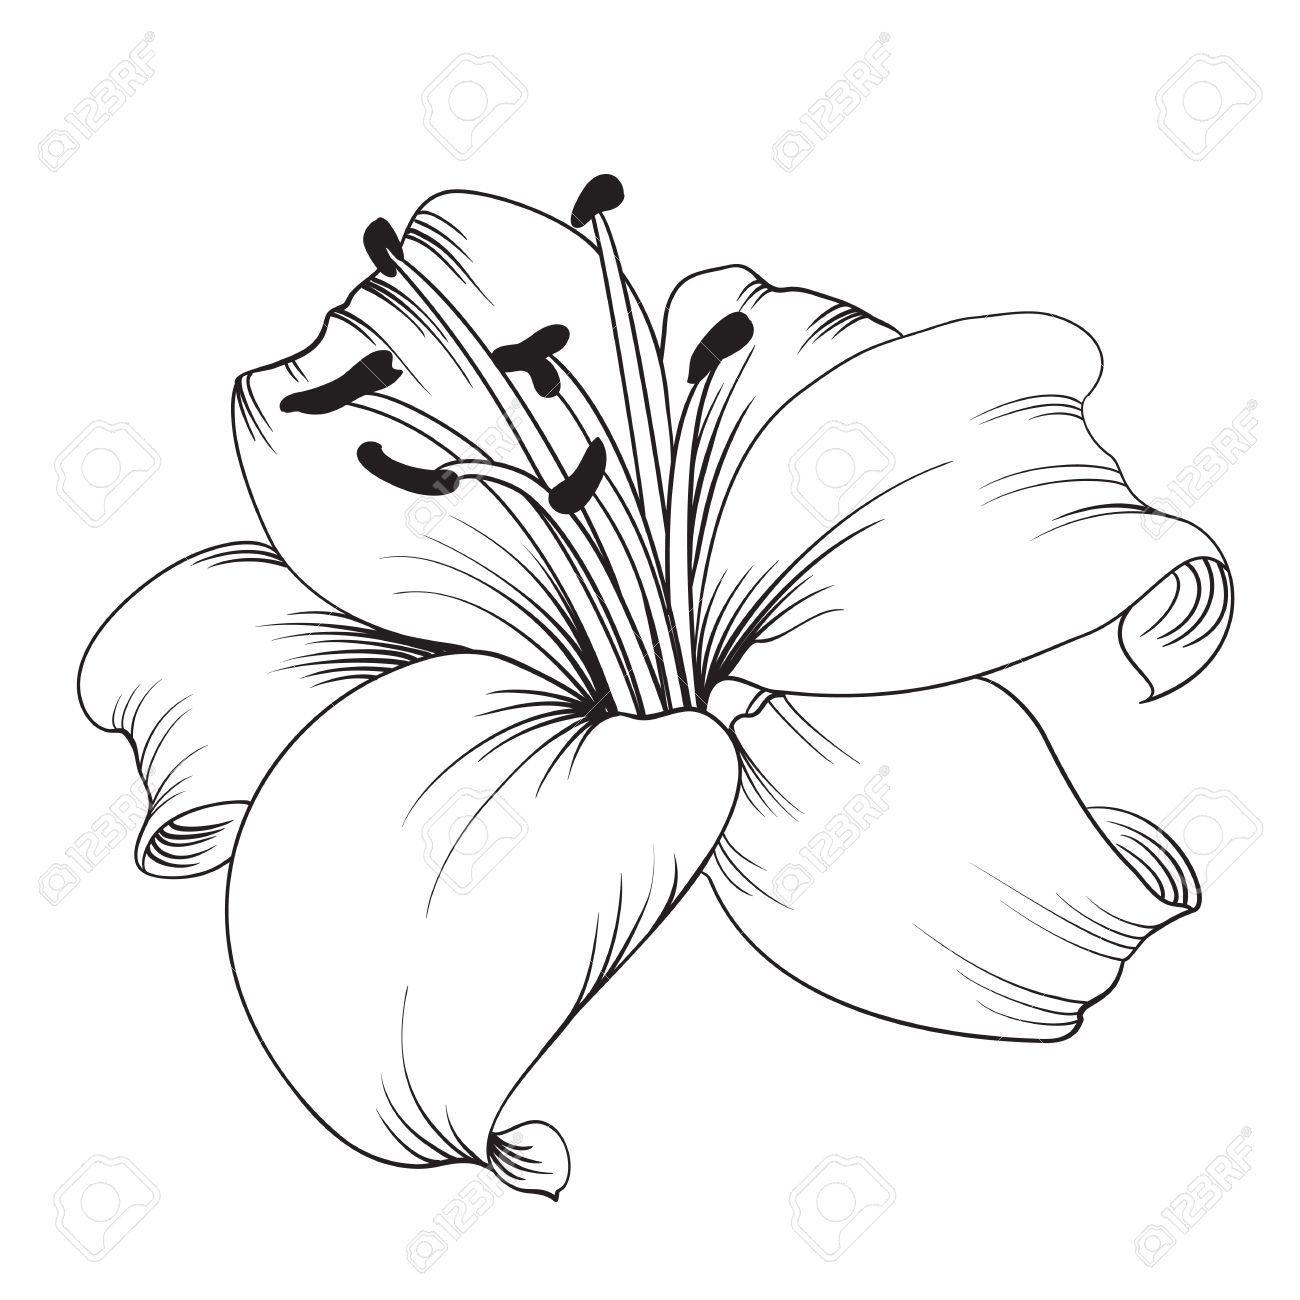 Weiße Lilie Auf Einem Weißen Hintergrund Karte Mit Blühenden Lilien